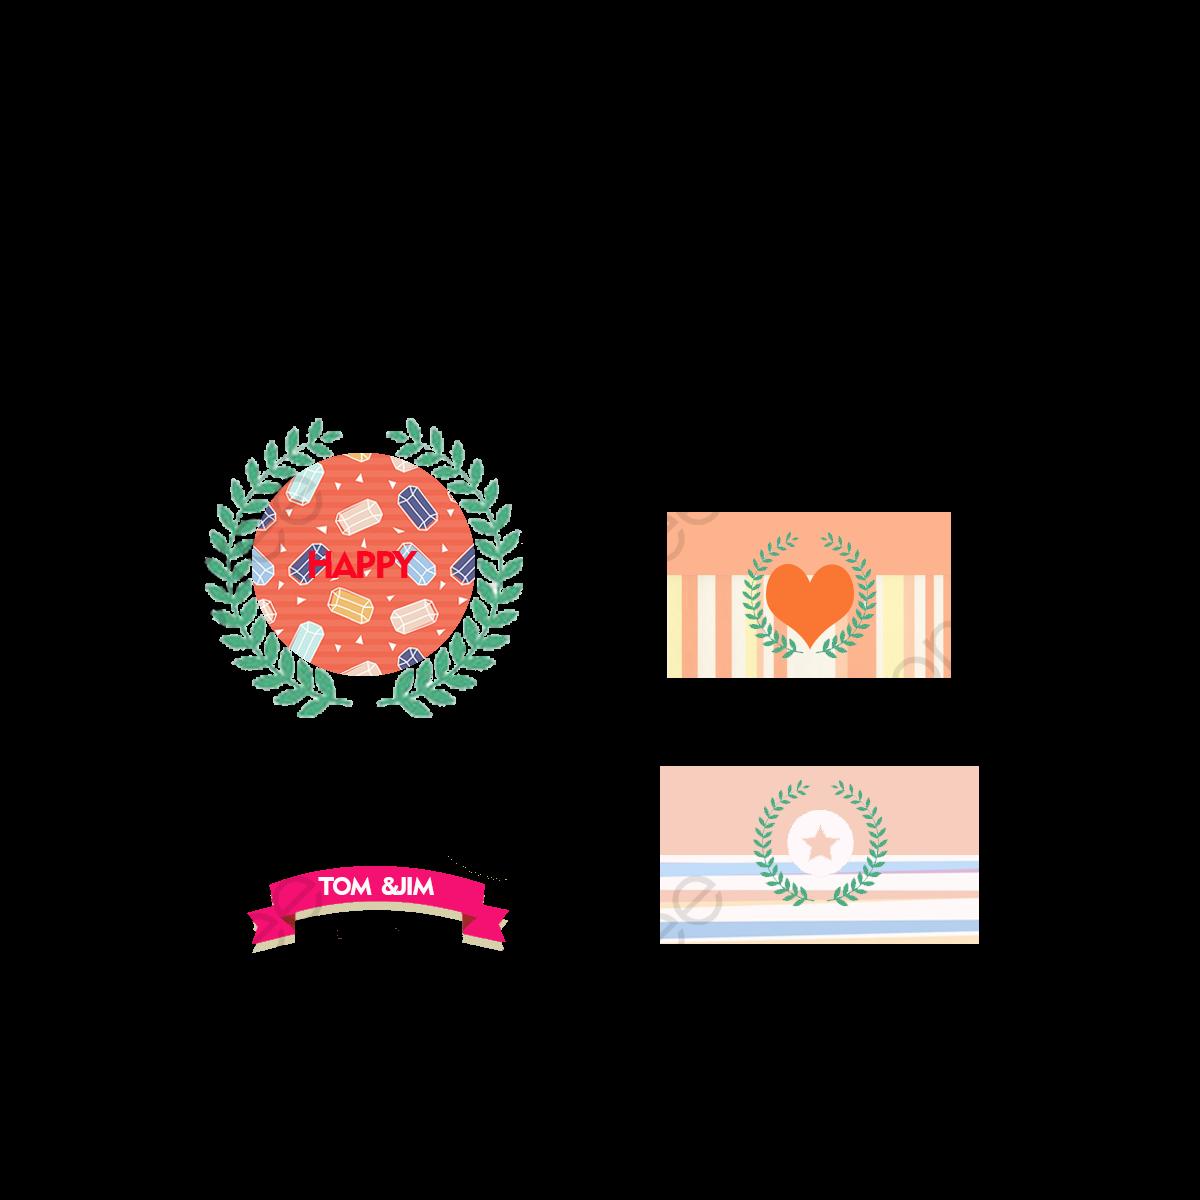 Vector Flores Convites Convites Casamento Casamento Png E: Etiquetas Do Casamento 15 Flores Vector Vector De